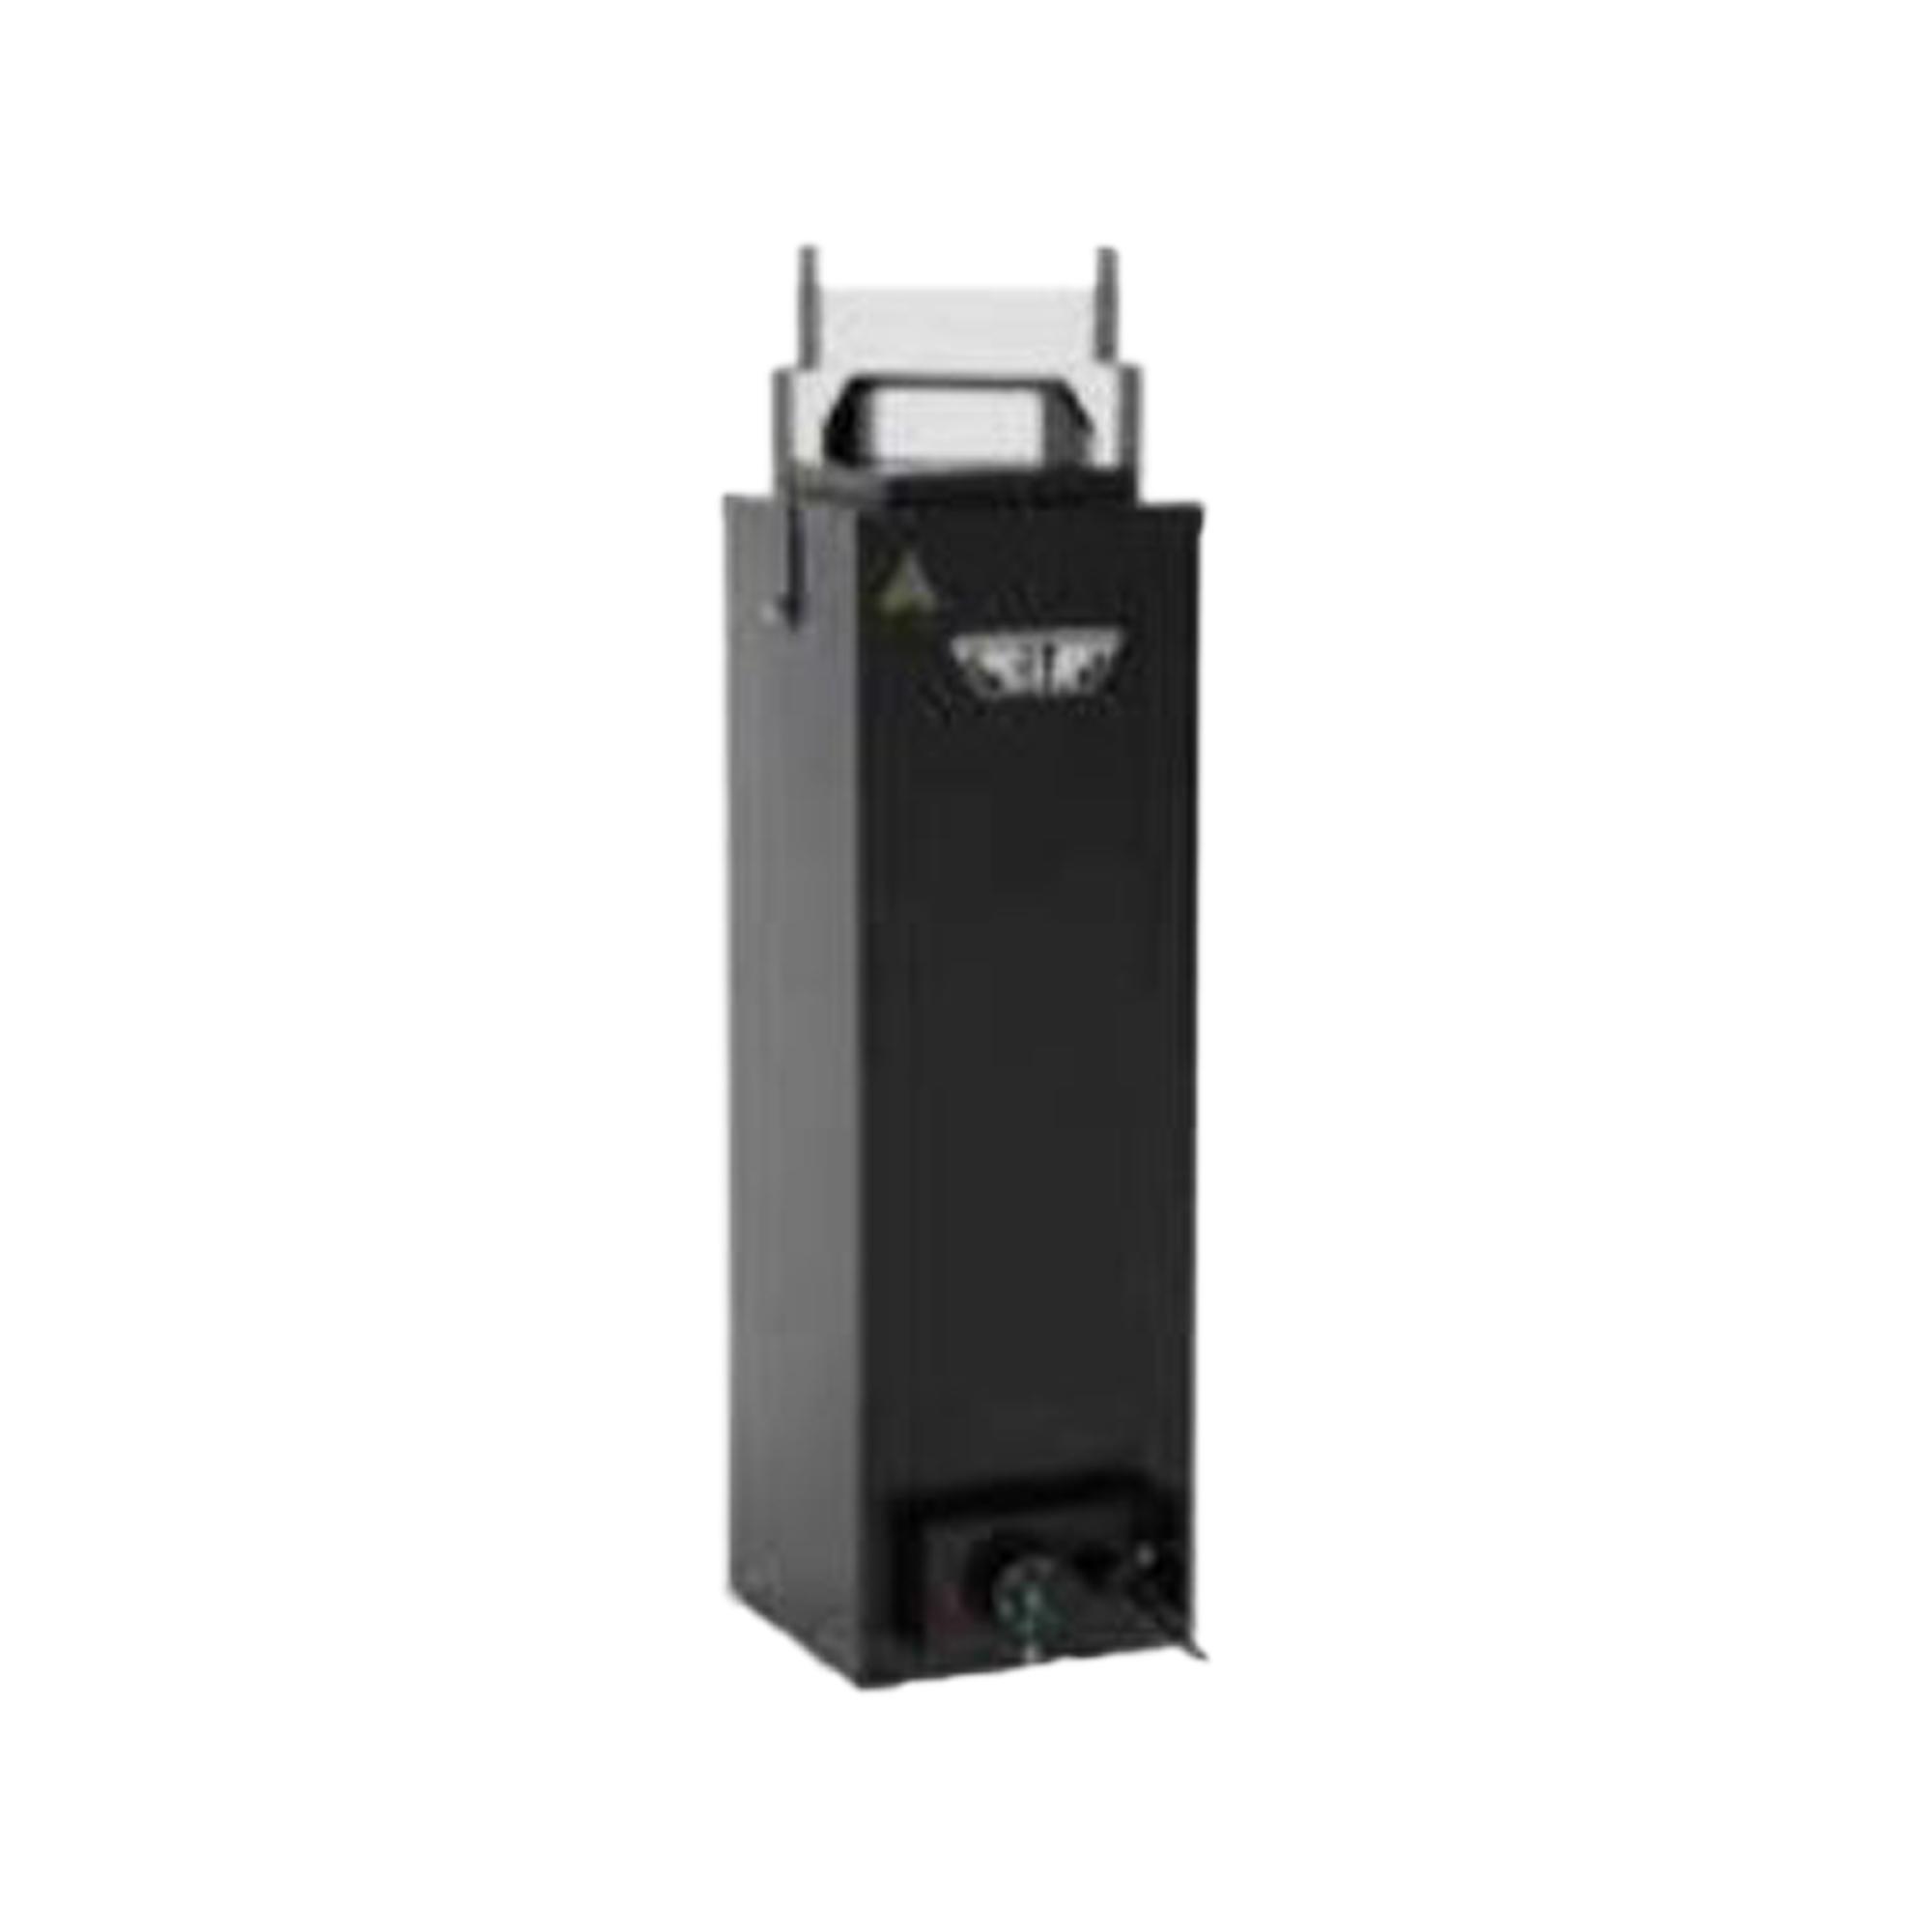 Image of Fornetto portatile per elettrodi con termometro C.I.A. P15T